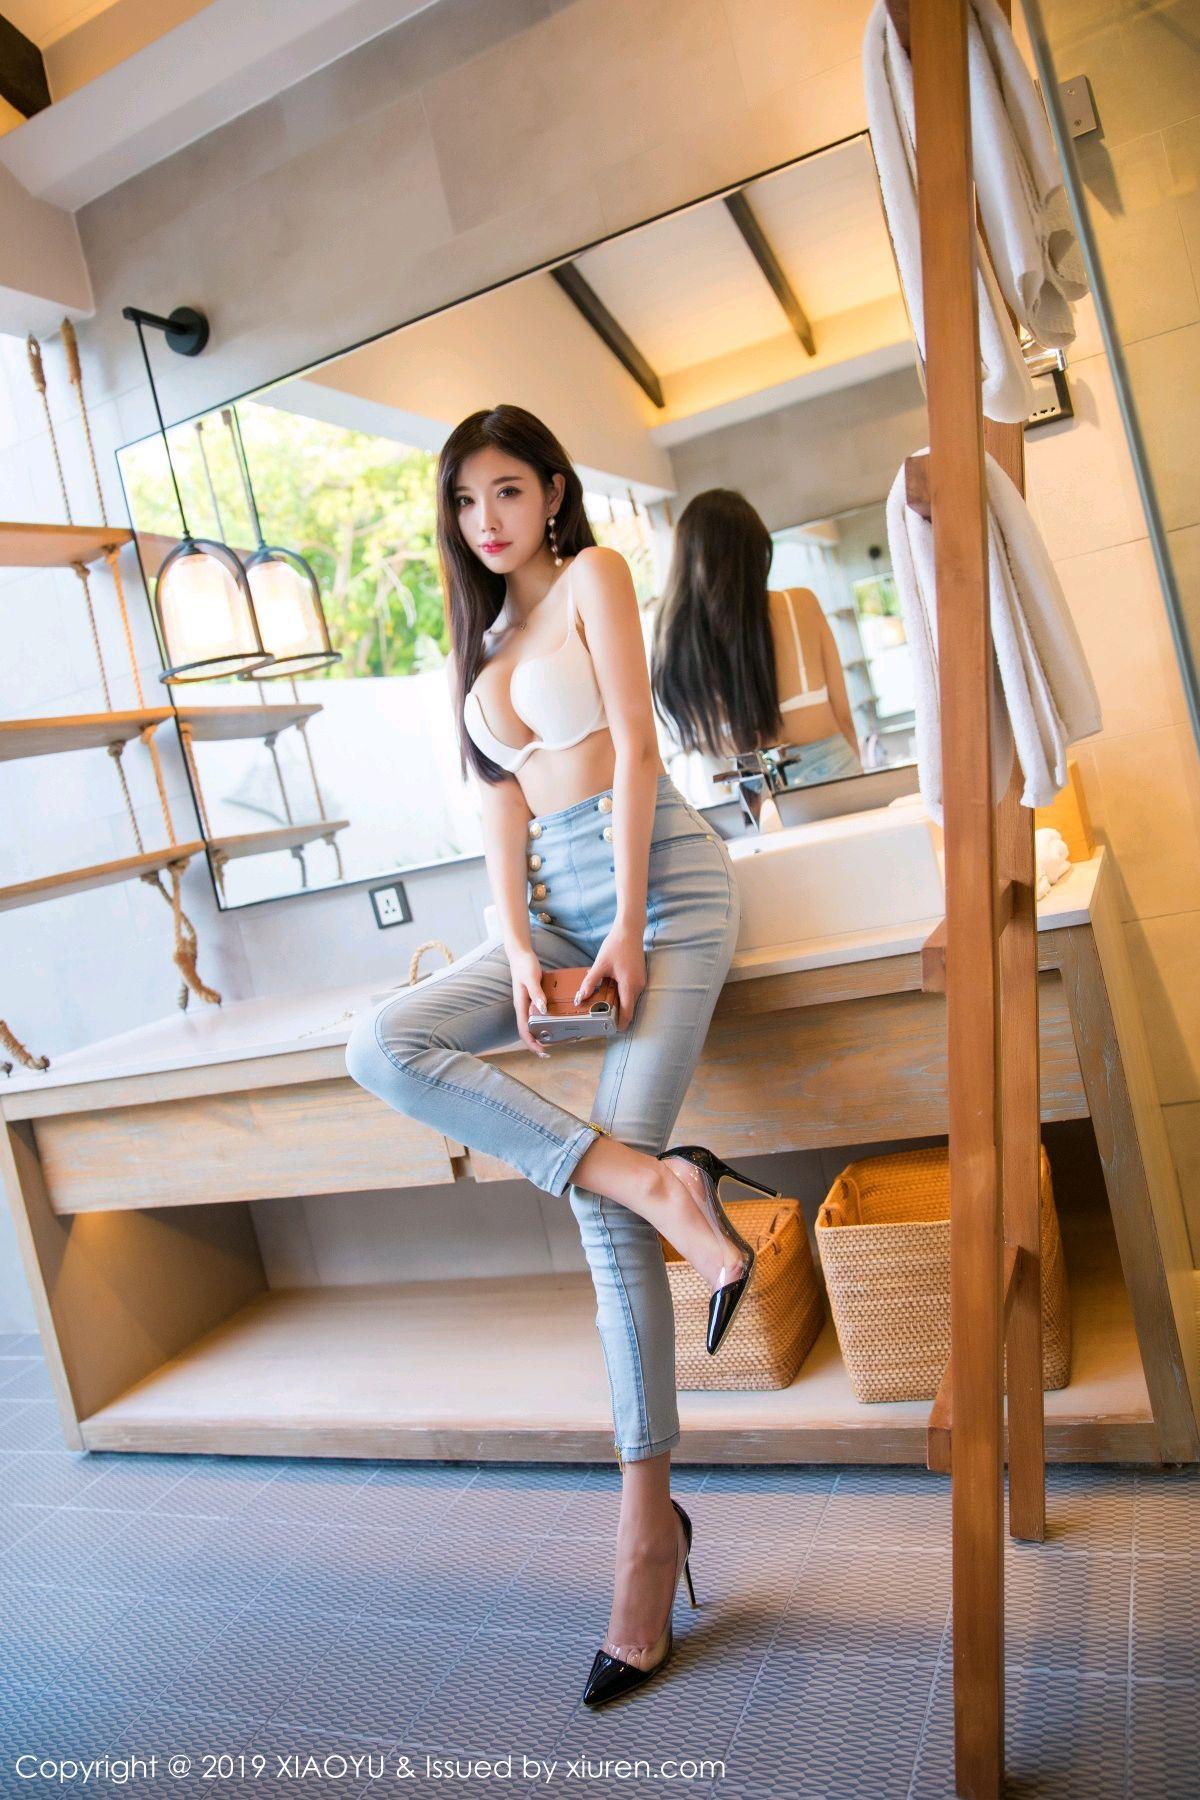 [XiaoYu] Vol.084 Yang Chen Chen 6P, Underwear, XiaoYu, Yang Chen Chen